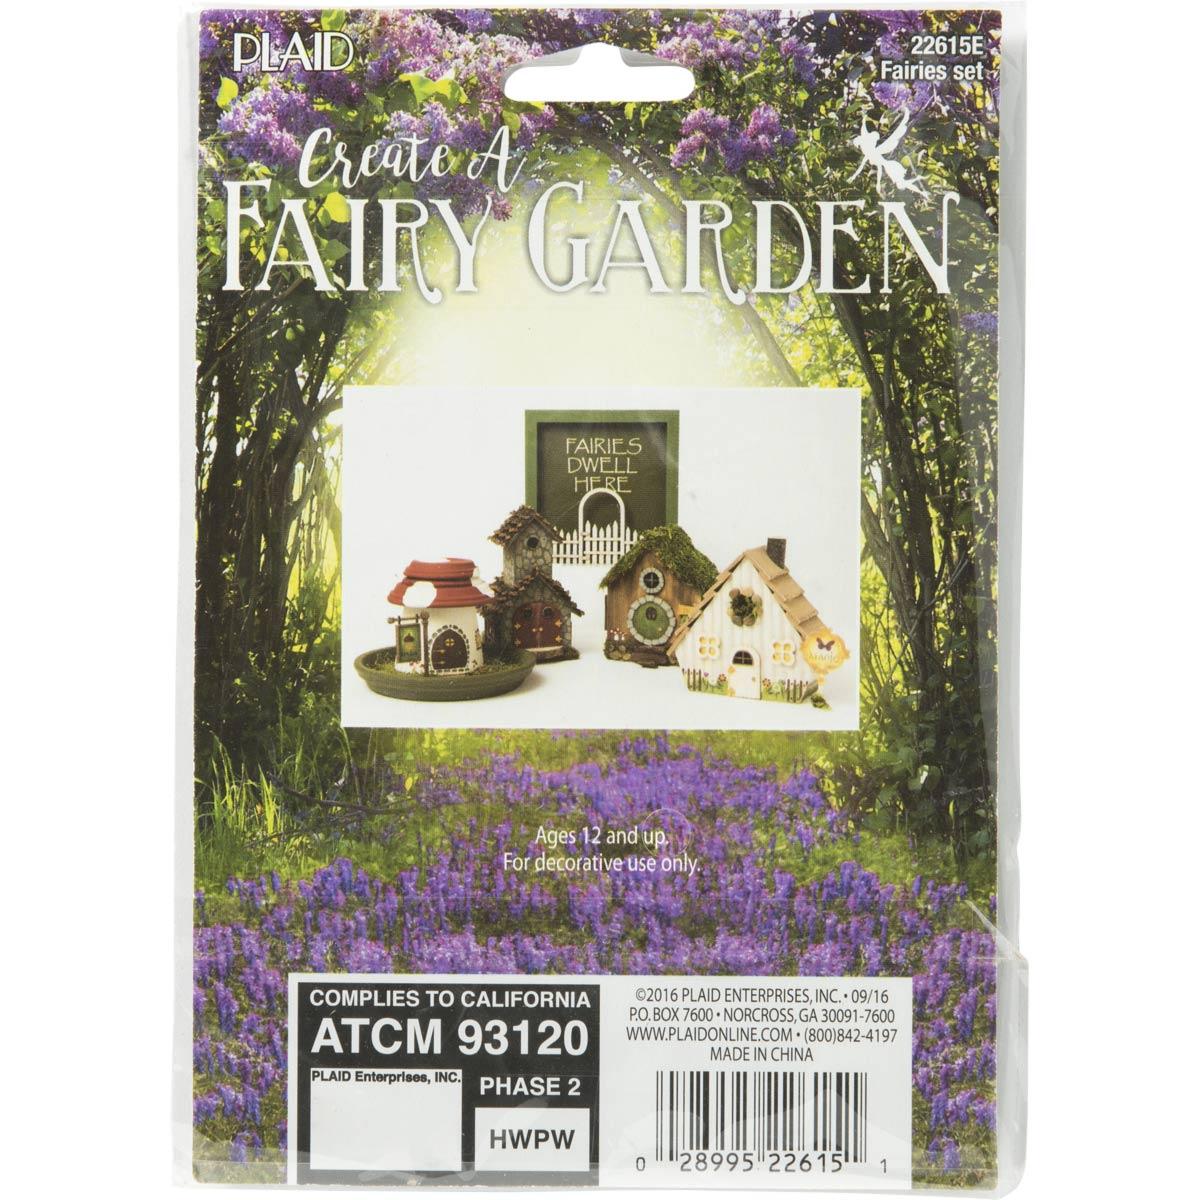 Plaid ® Wood Surfaces - Fairy Garden - Fairies 2 pc. - 22615E